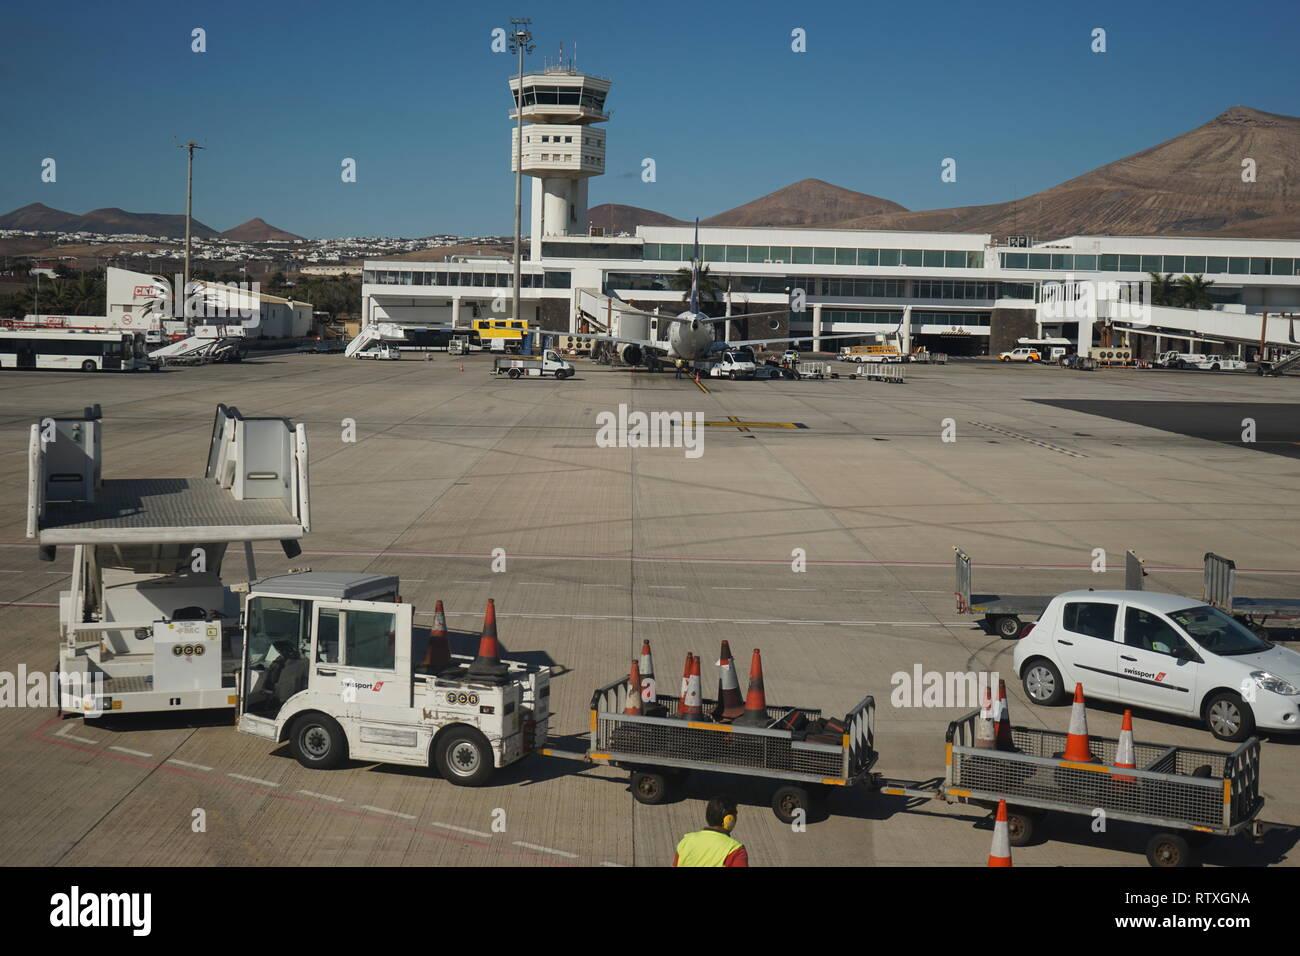 Flughafen Arrecife, Lanzarote, Kanarische Inseln, Spanien - Stock Image